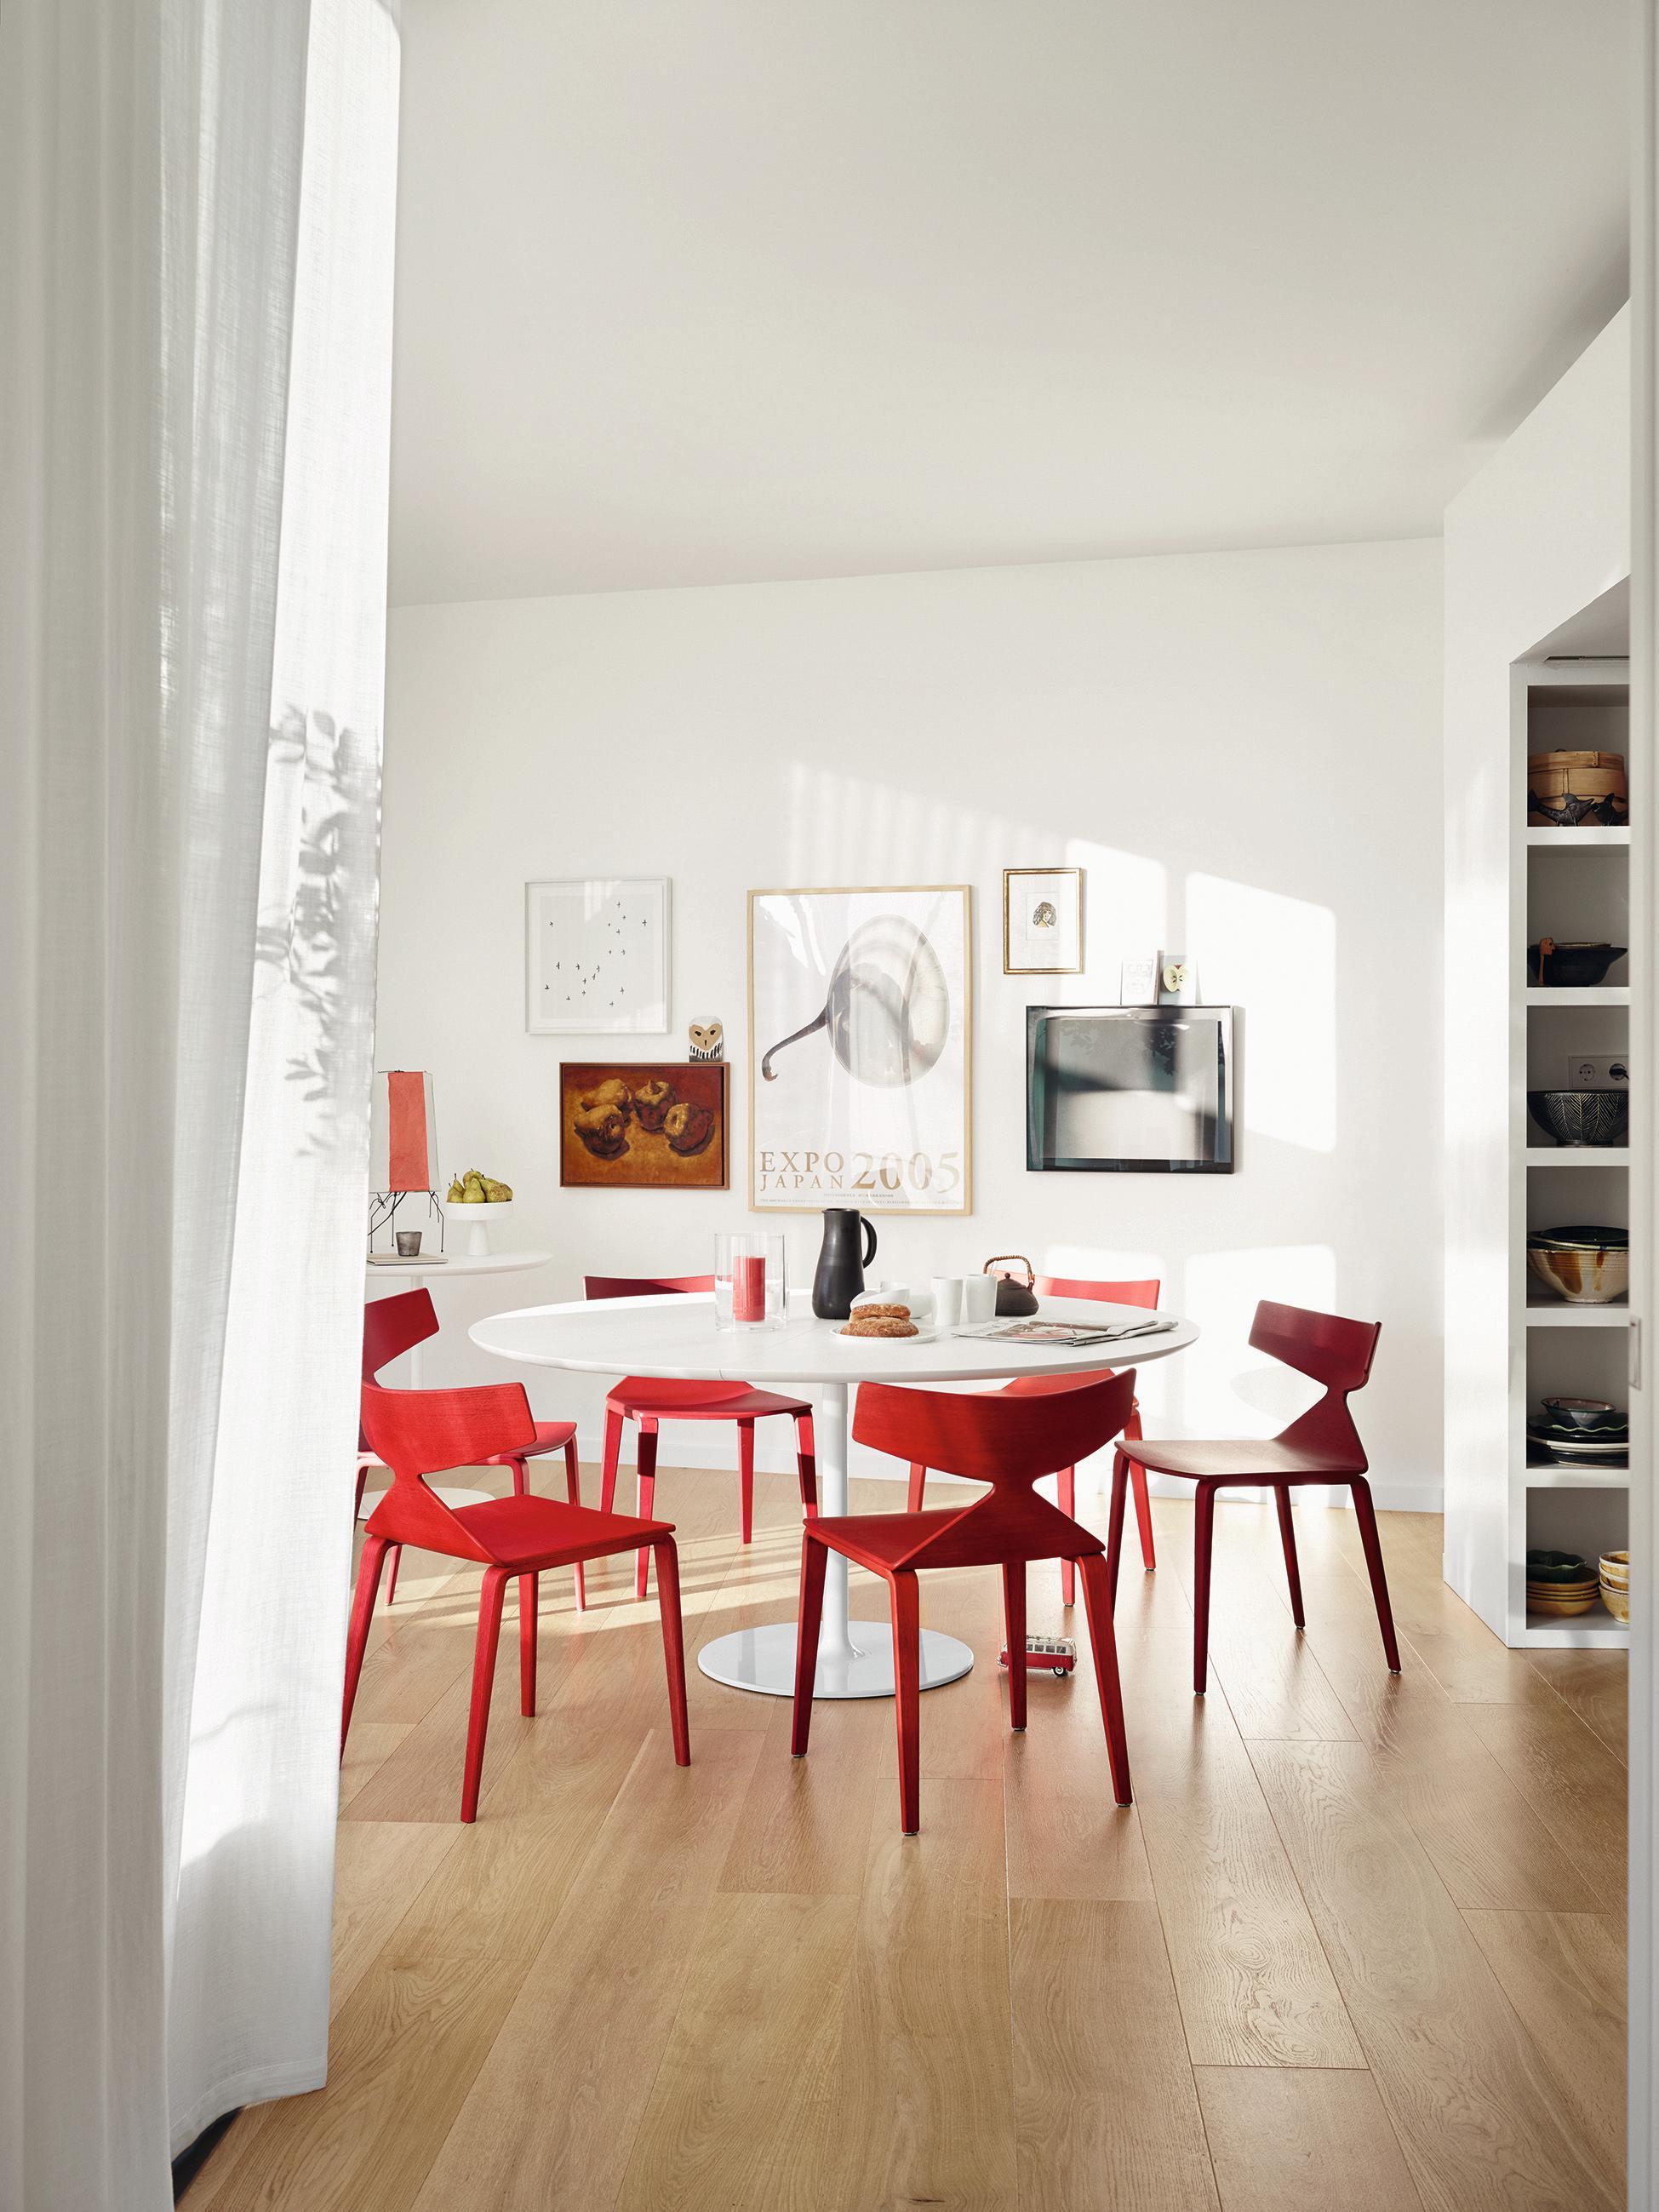 Design-Stuhl • Bilder & Ideen • COUCH